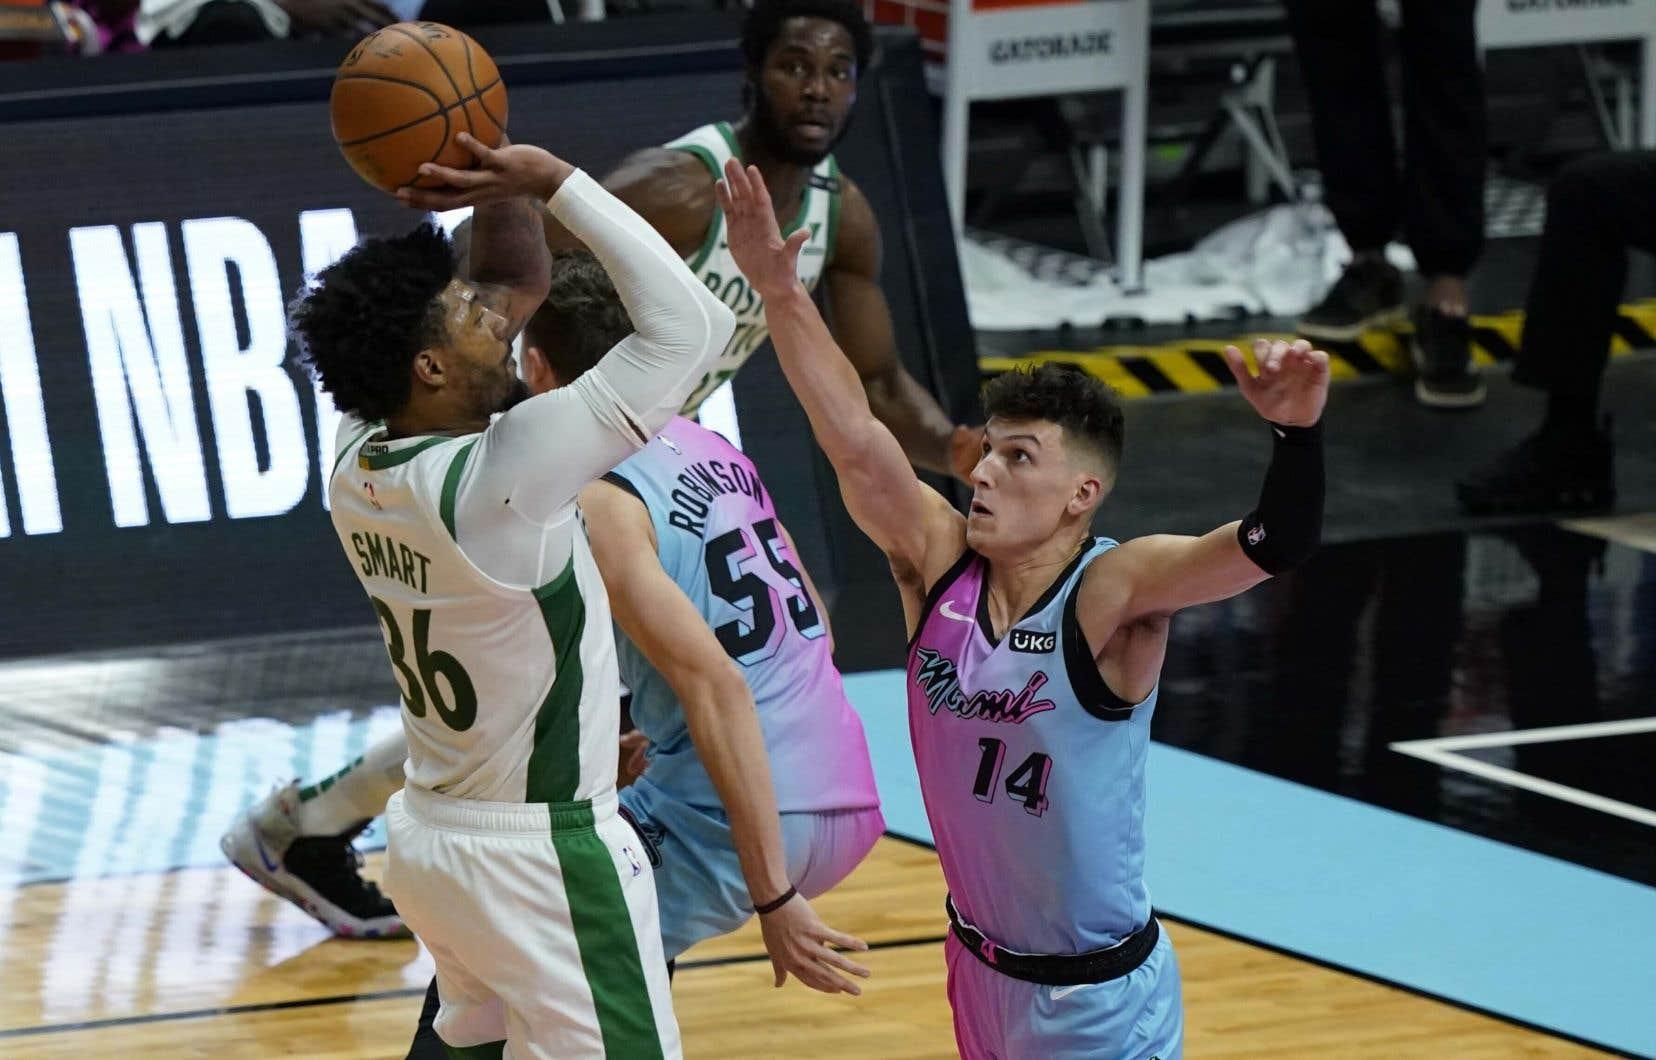 Il s'agit de la deuxième partie de la NBA à être reportée cette saison.